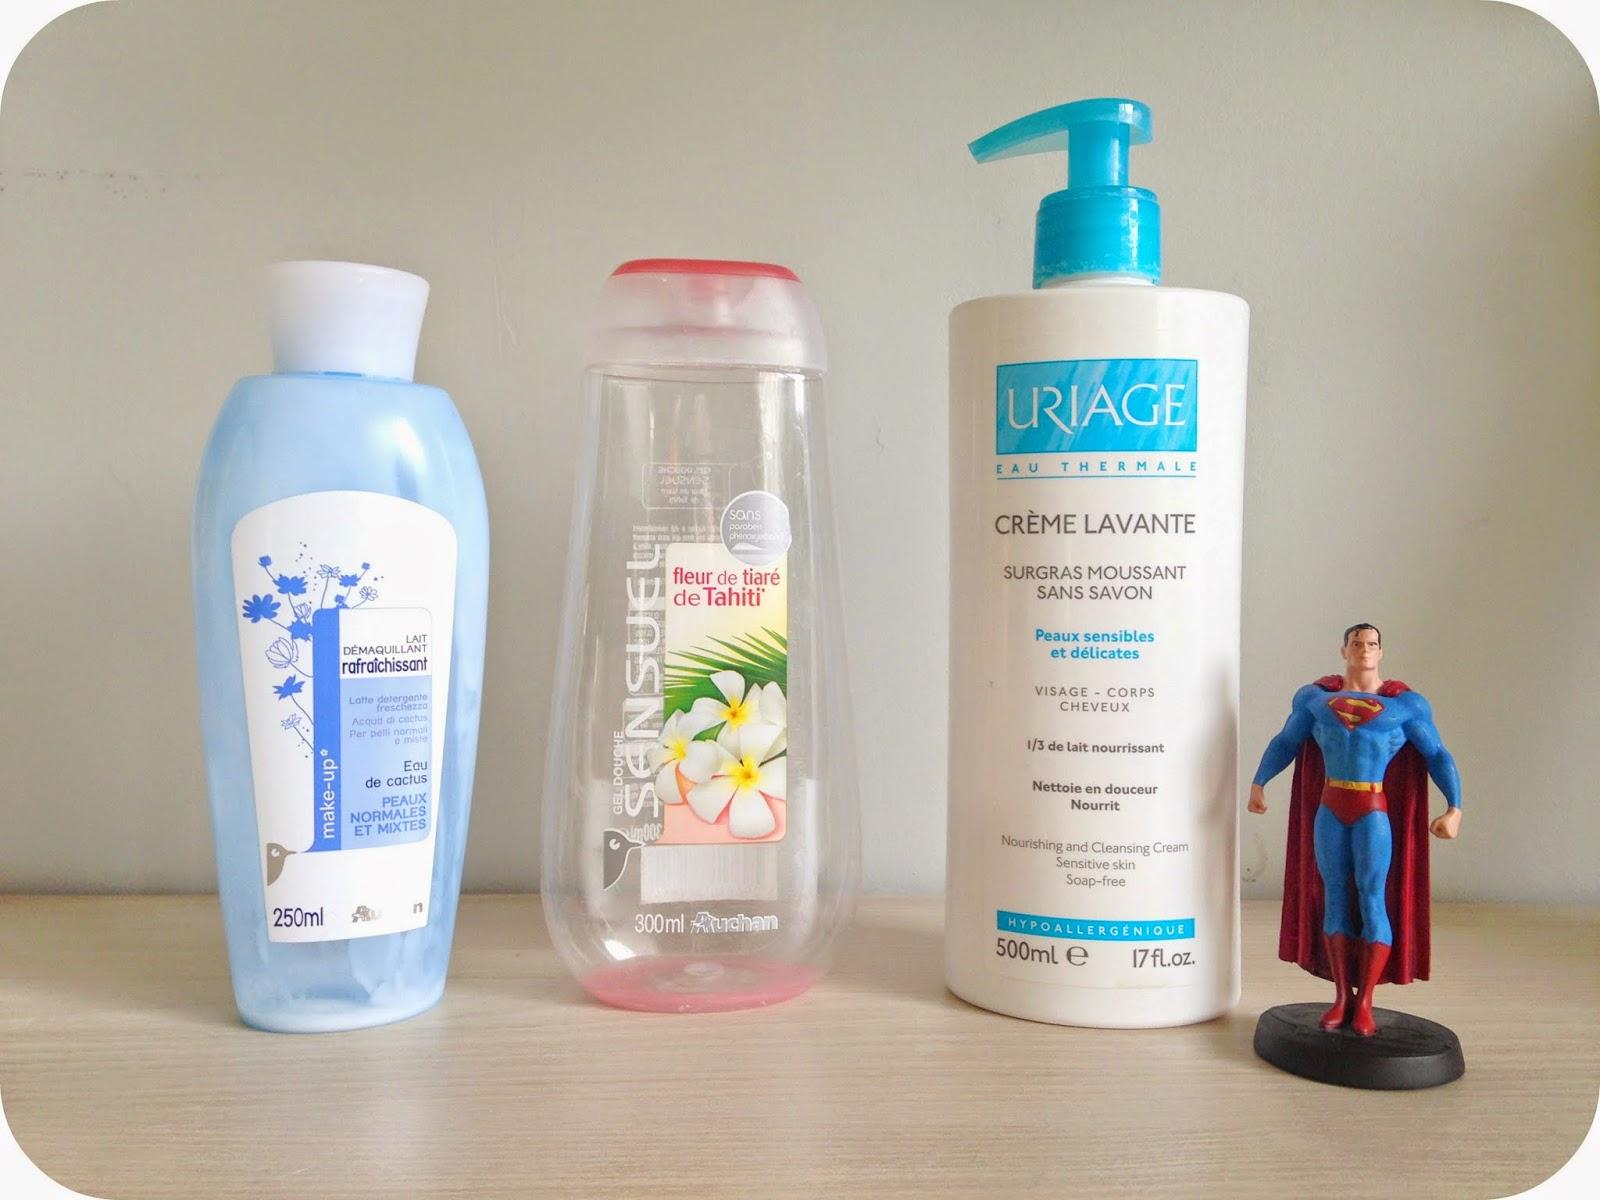 avis-et-test-creme-lavante-surgras-uriage-sans-savon